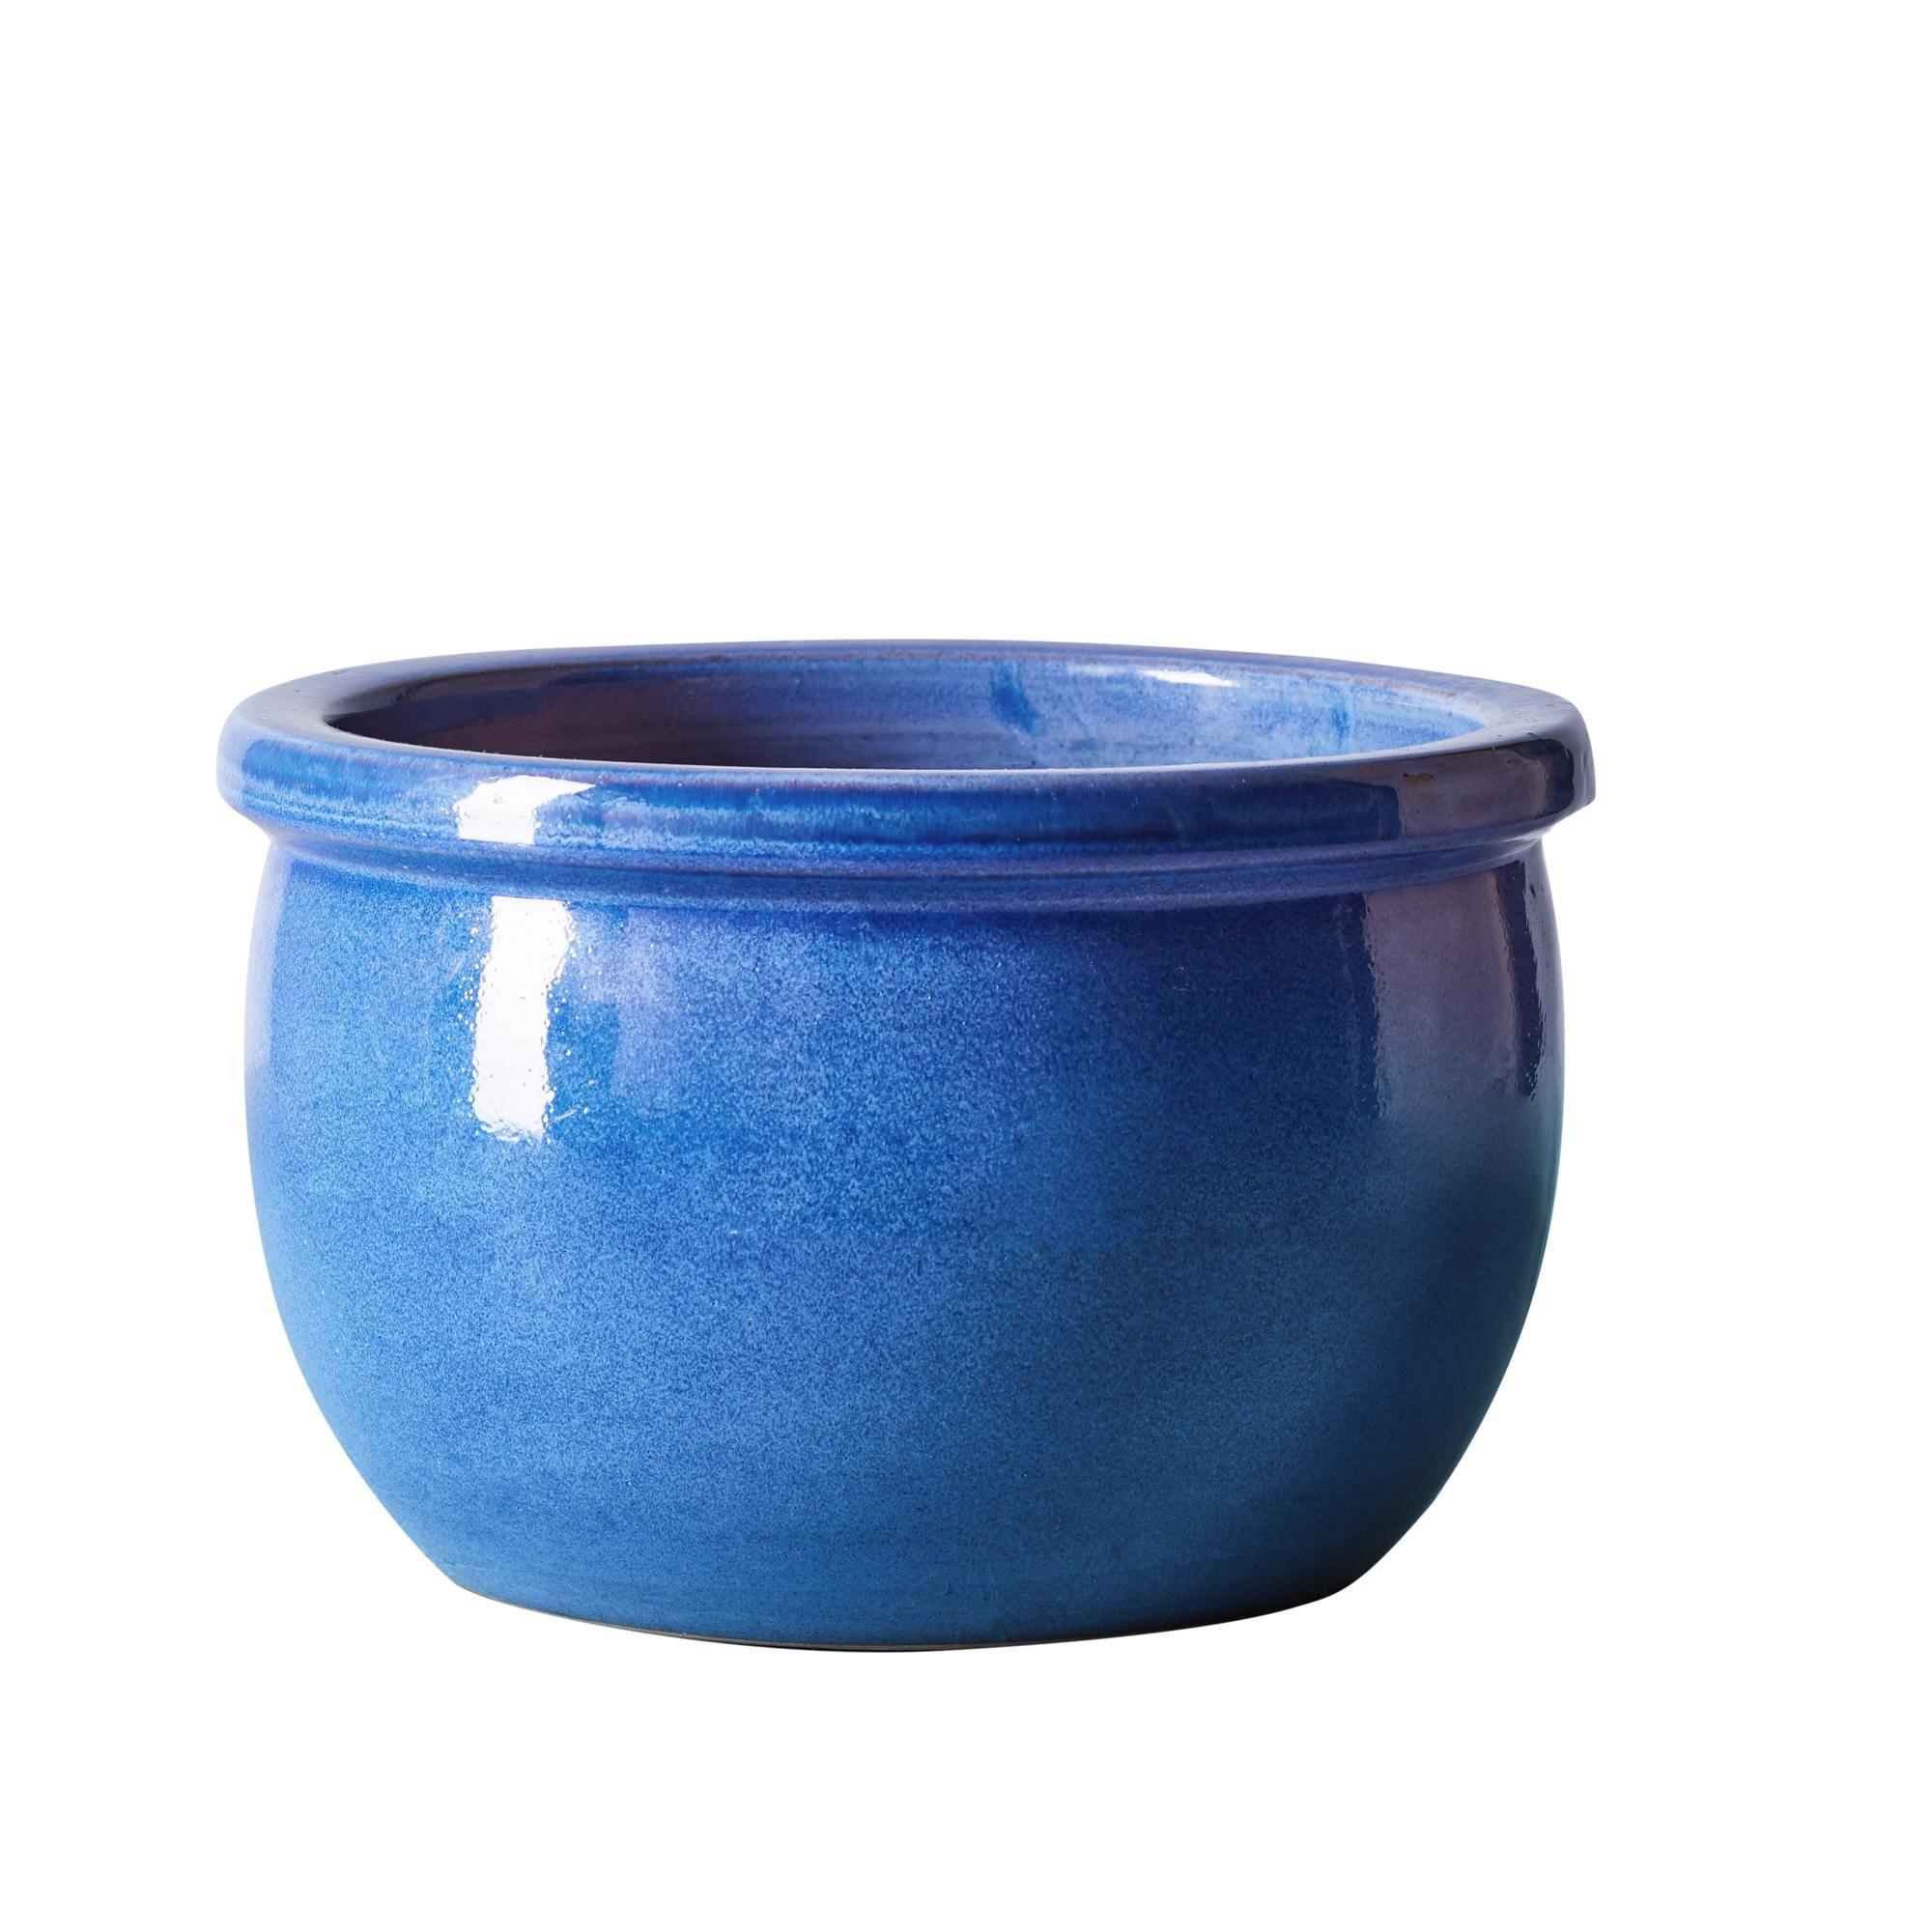 Large Blue Bavaria Plant Pot In 2020 Blue Plants Potted Plants Ceramic Pots